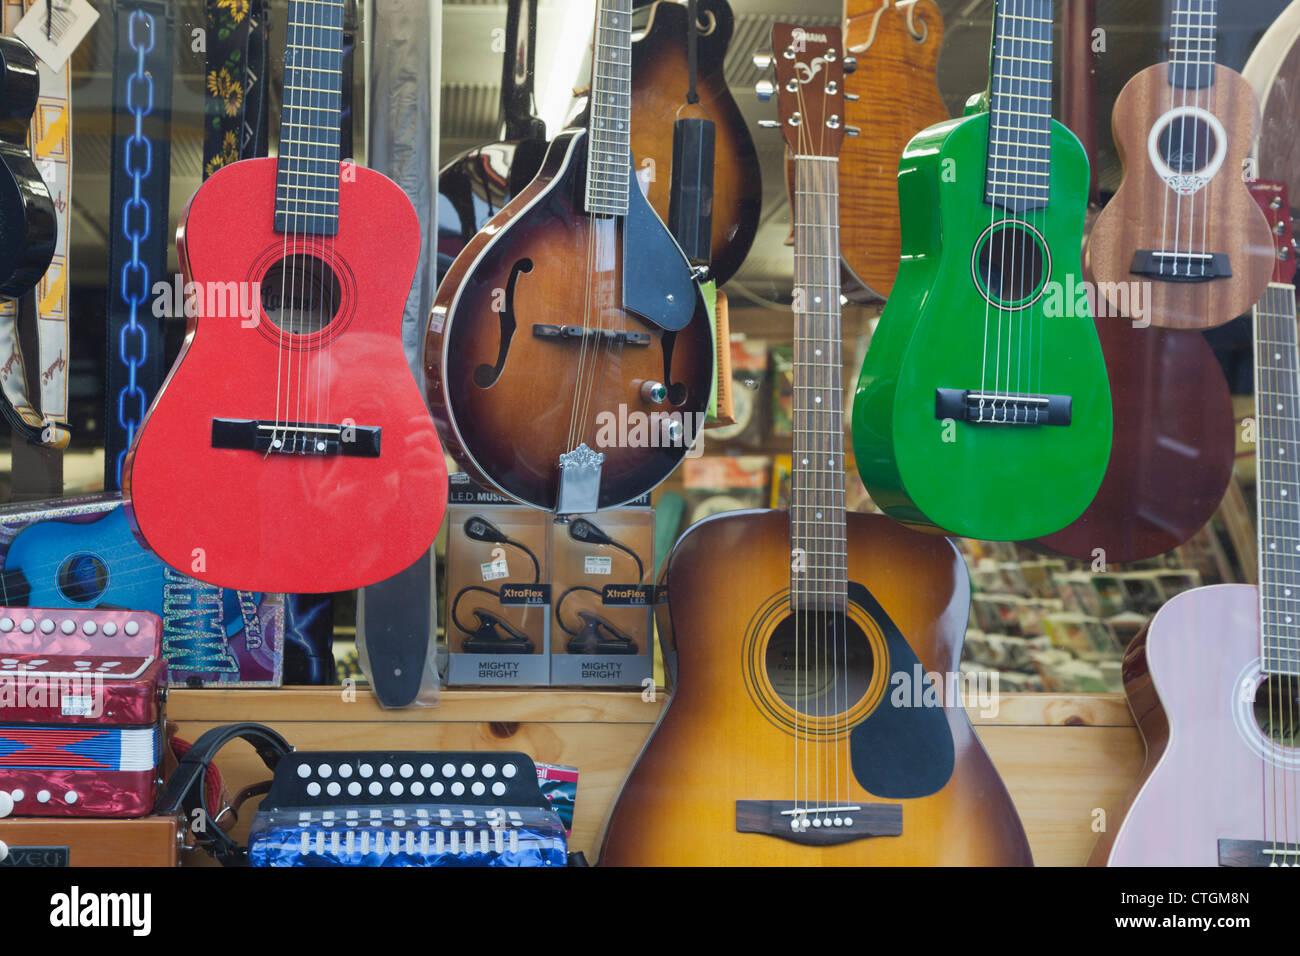 Killarney, nella contea di Kerry, Irlanda. Gli strumenti a corda in vendita in vetrina. Chitarre e Mandolini, ukuleles. Immagini Stock